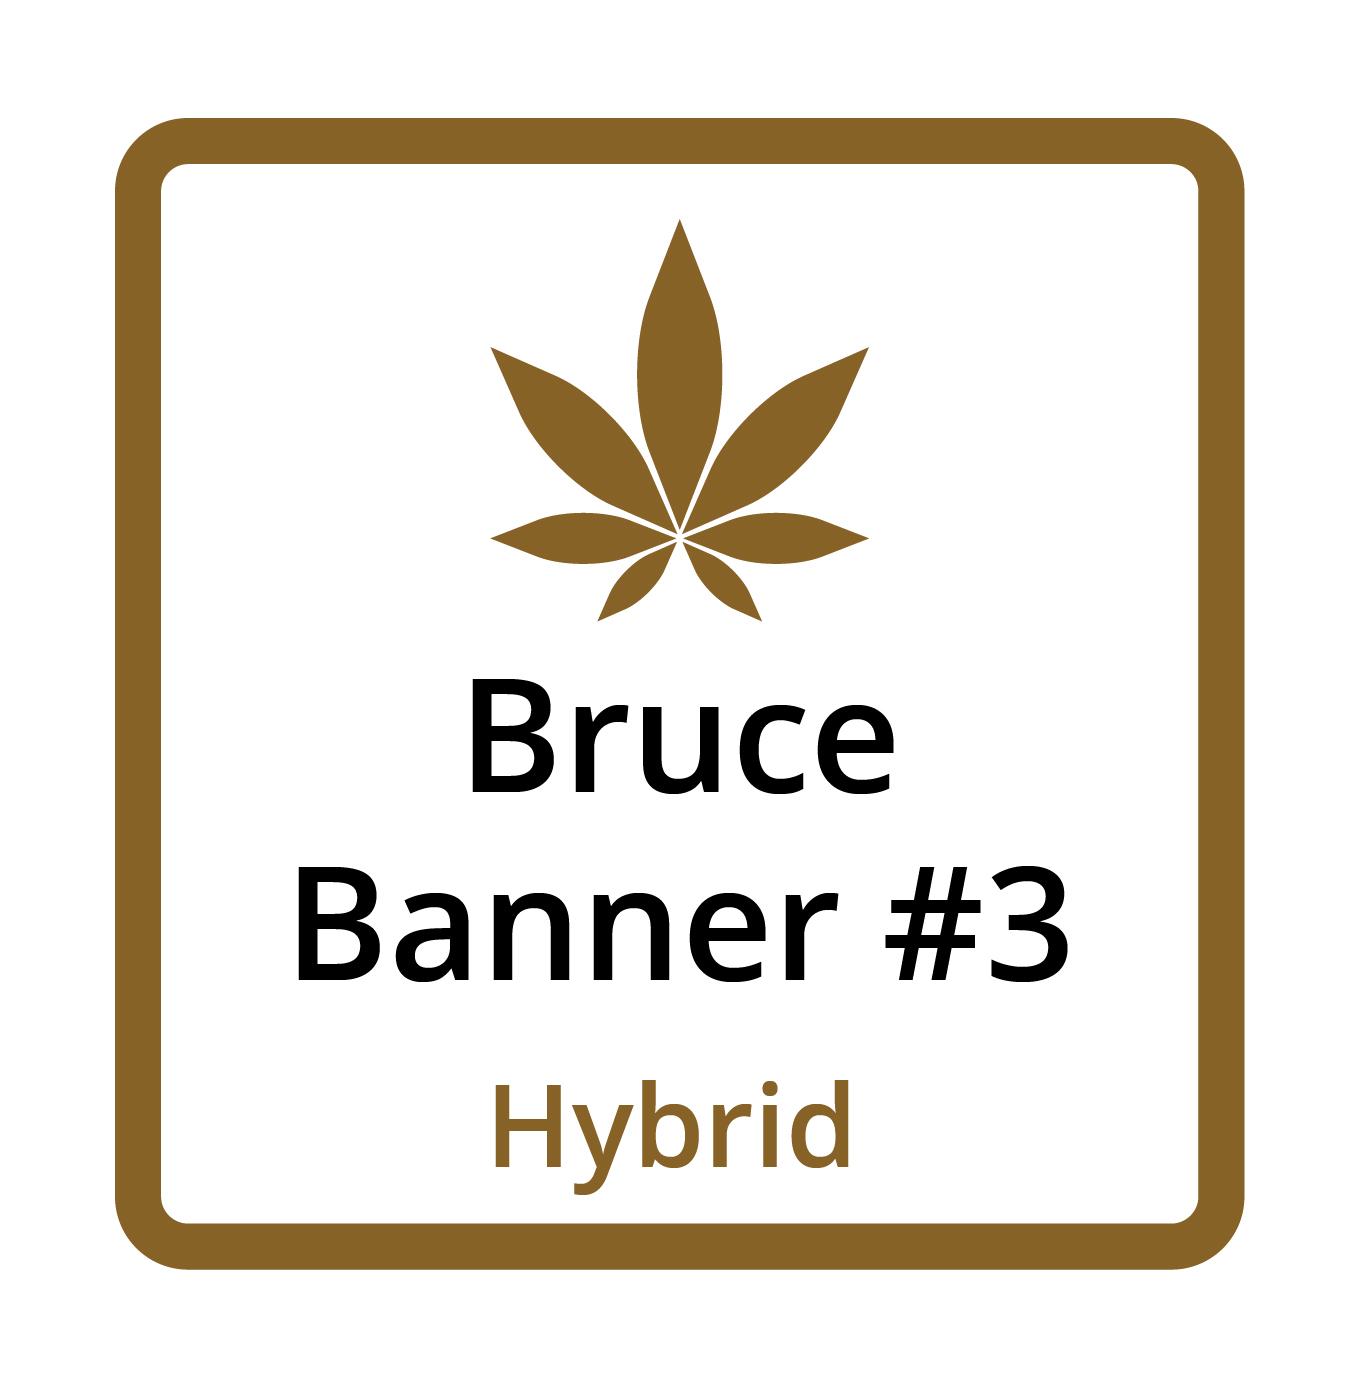 Bruce Banner #3 (Hybrid)